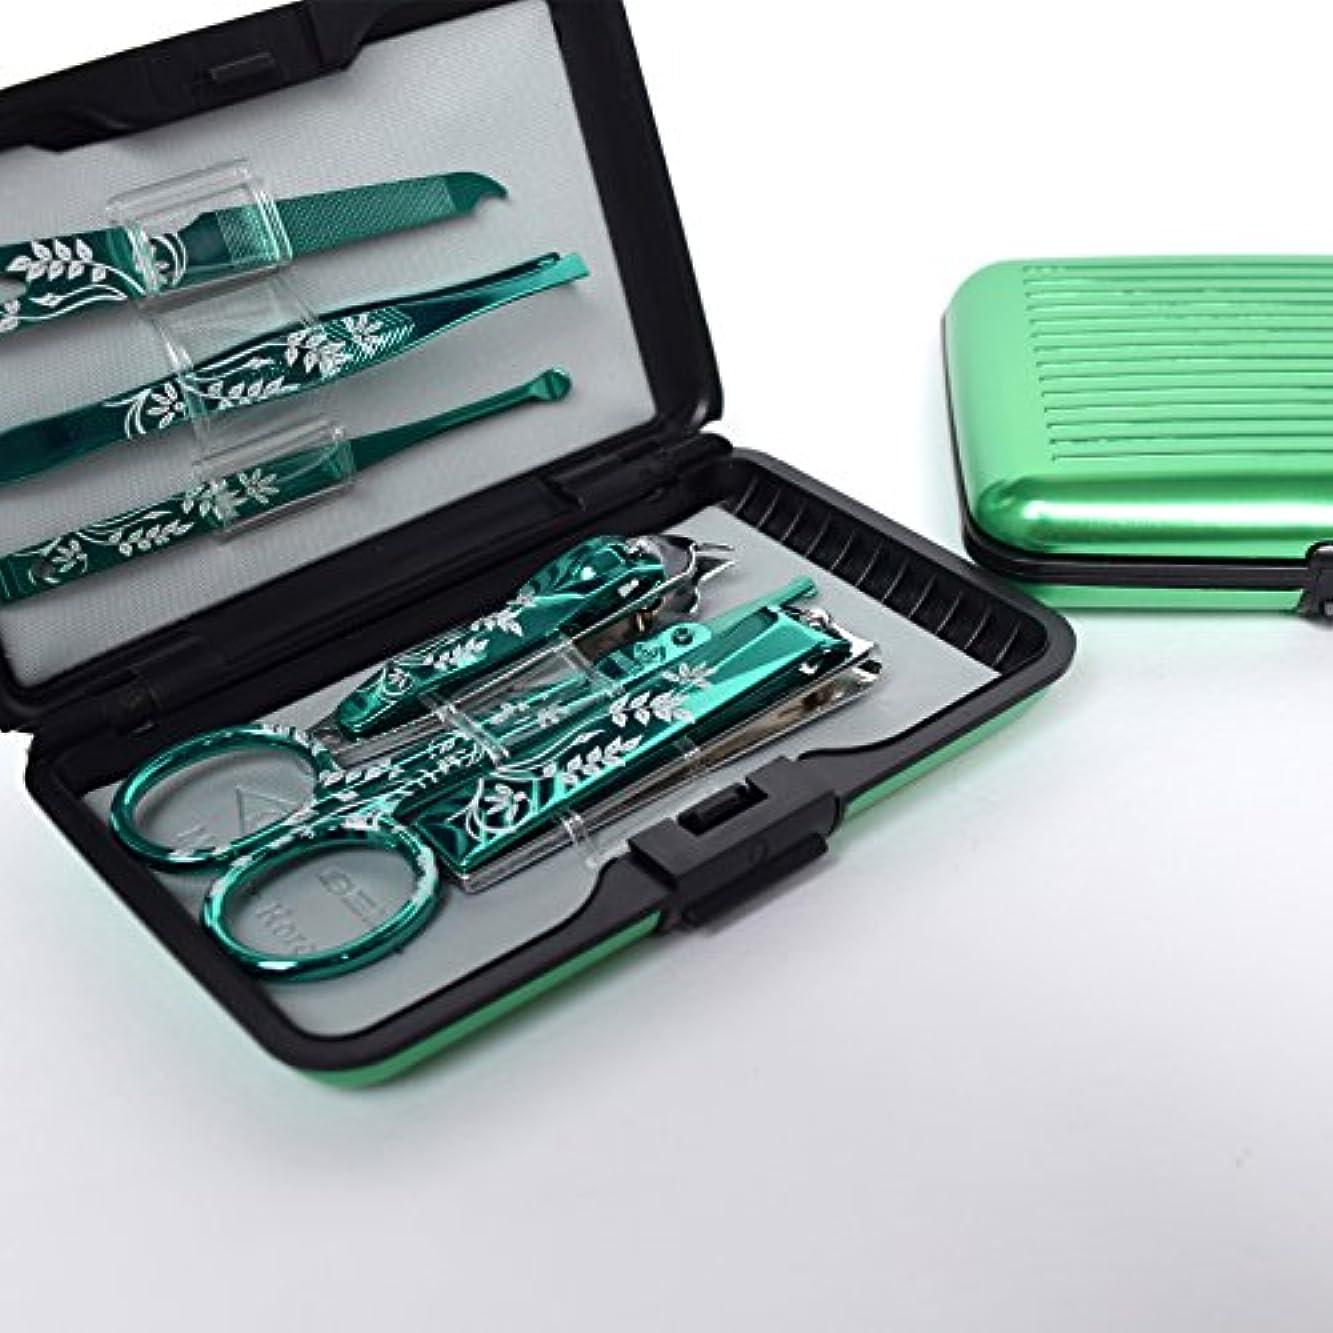 流暢距離シートBELL Manicure Sets BM-800A ポータブル爪の管理セット 爪切りセット 高品質のネイルケアセット花モチーフのイラストデザイン Portable Nail Clippers Nail Care Set